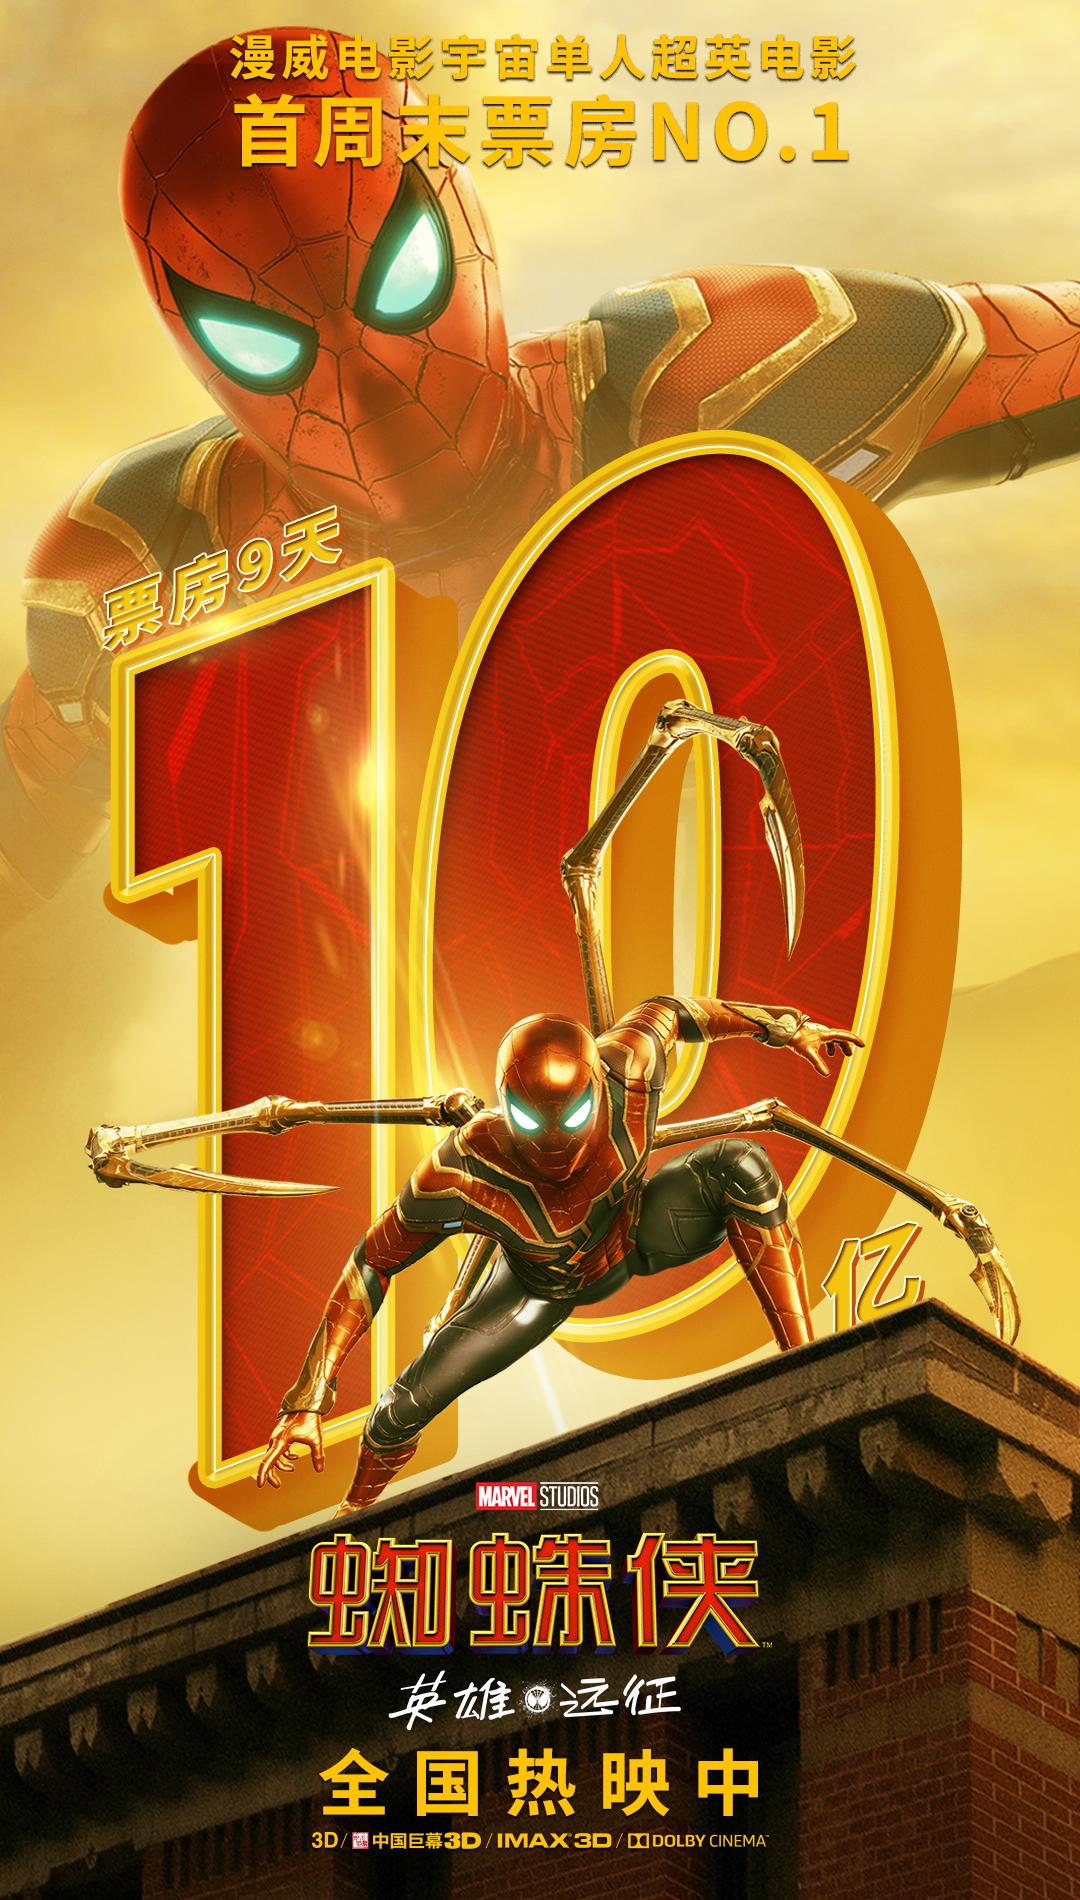 《蜘蛛侠:英豪远征》国内票房破10亿 全球大爆势如猛虎年度必看